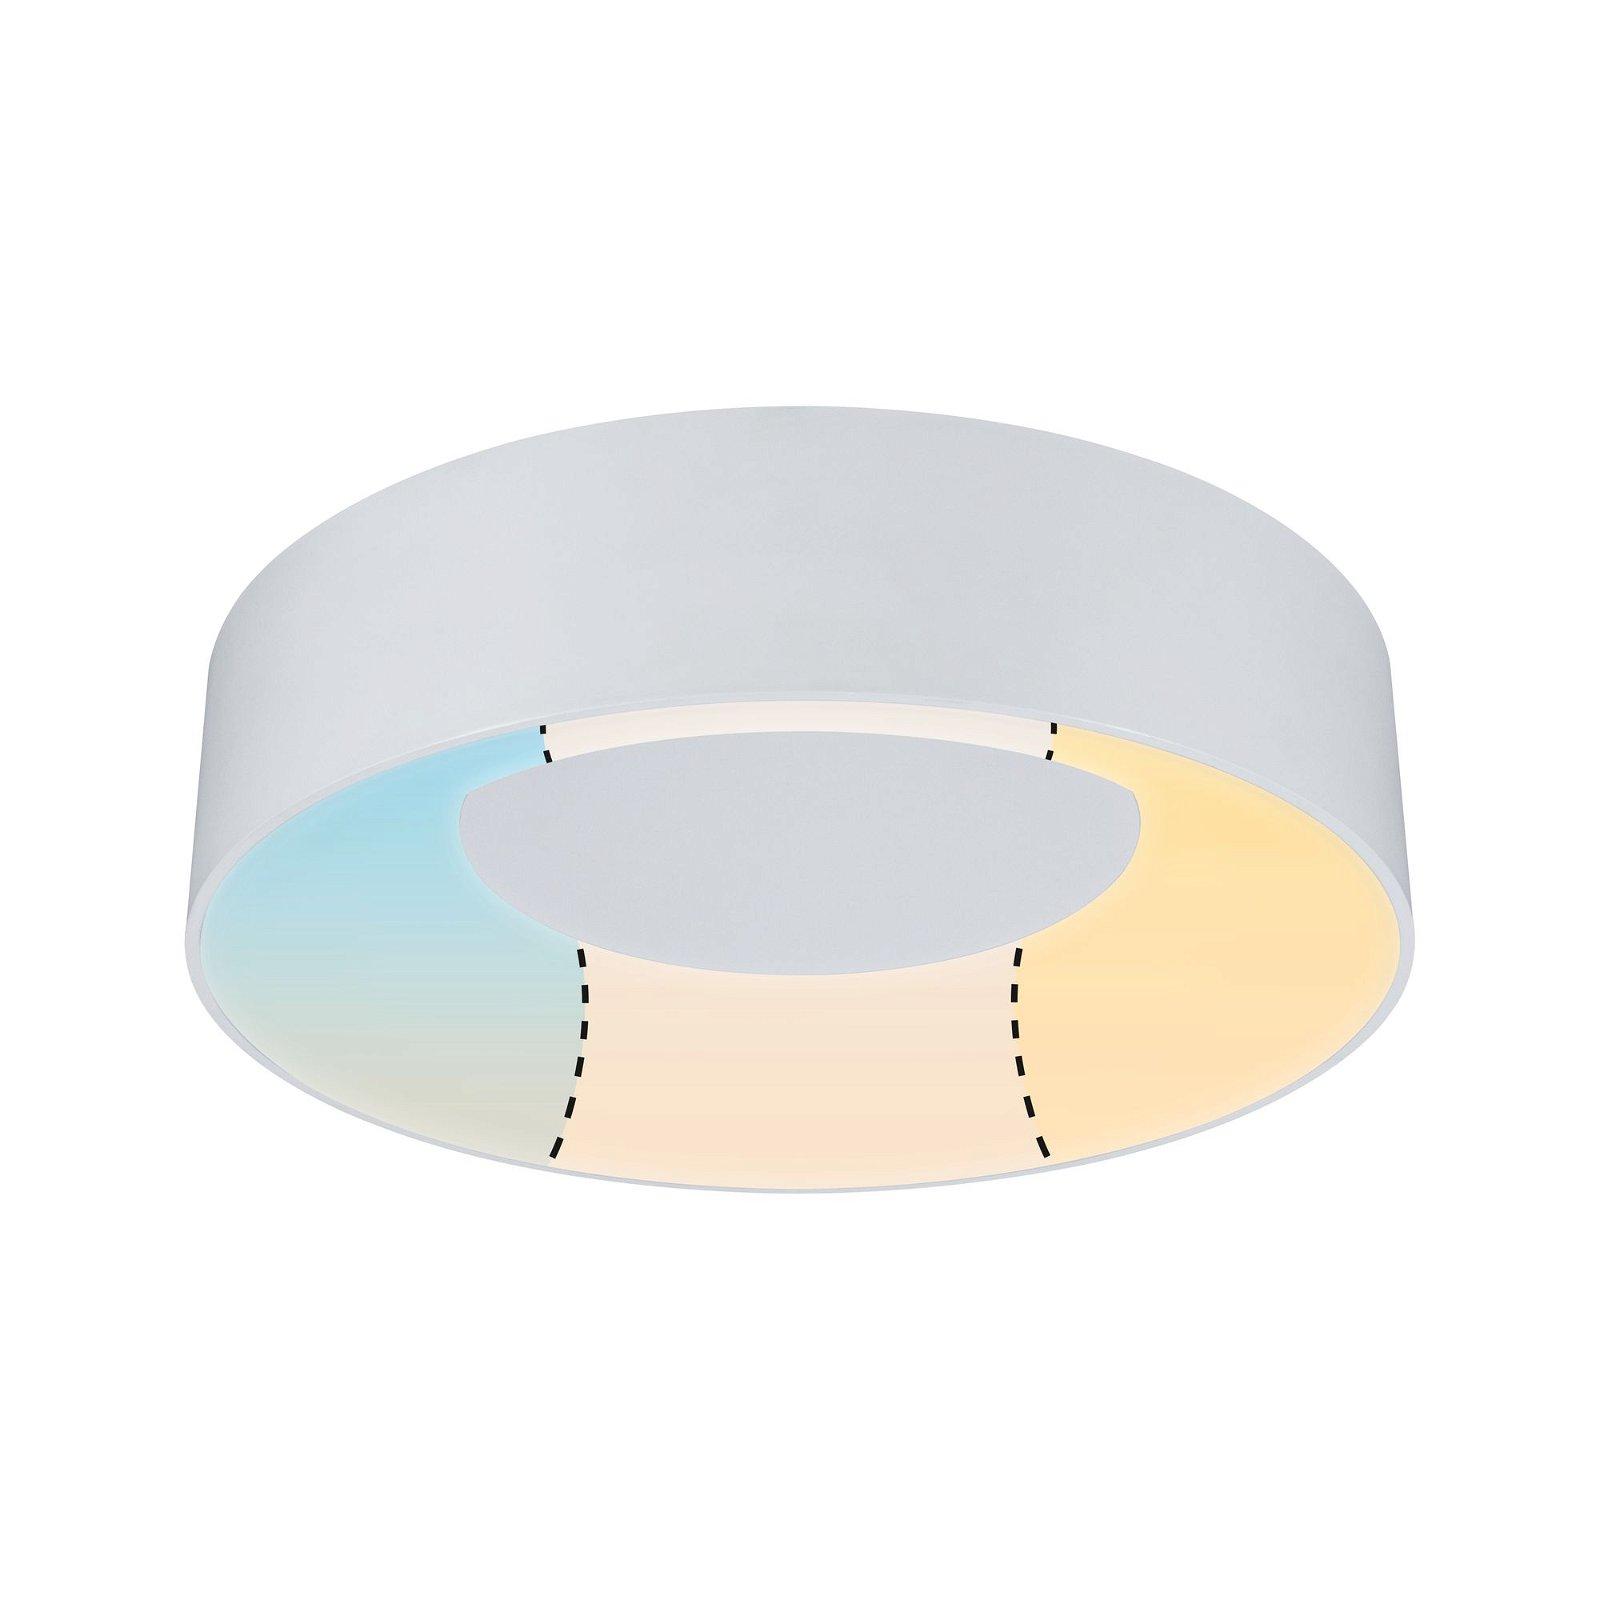 HomeSpa LED Deckenleuchte Casca IP44 White Switch 2300lm 230V 16W Weiß